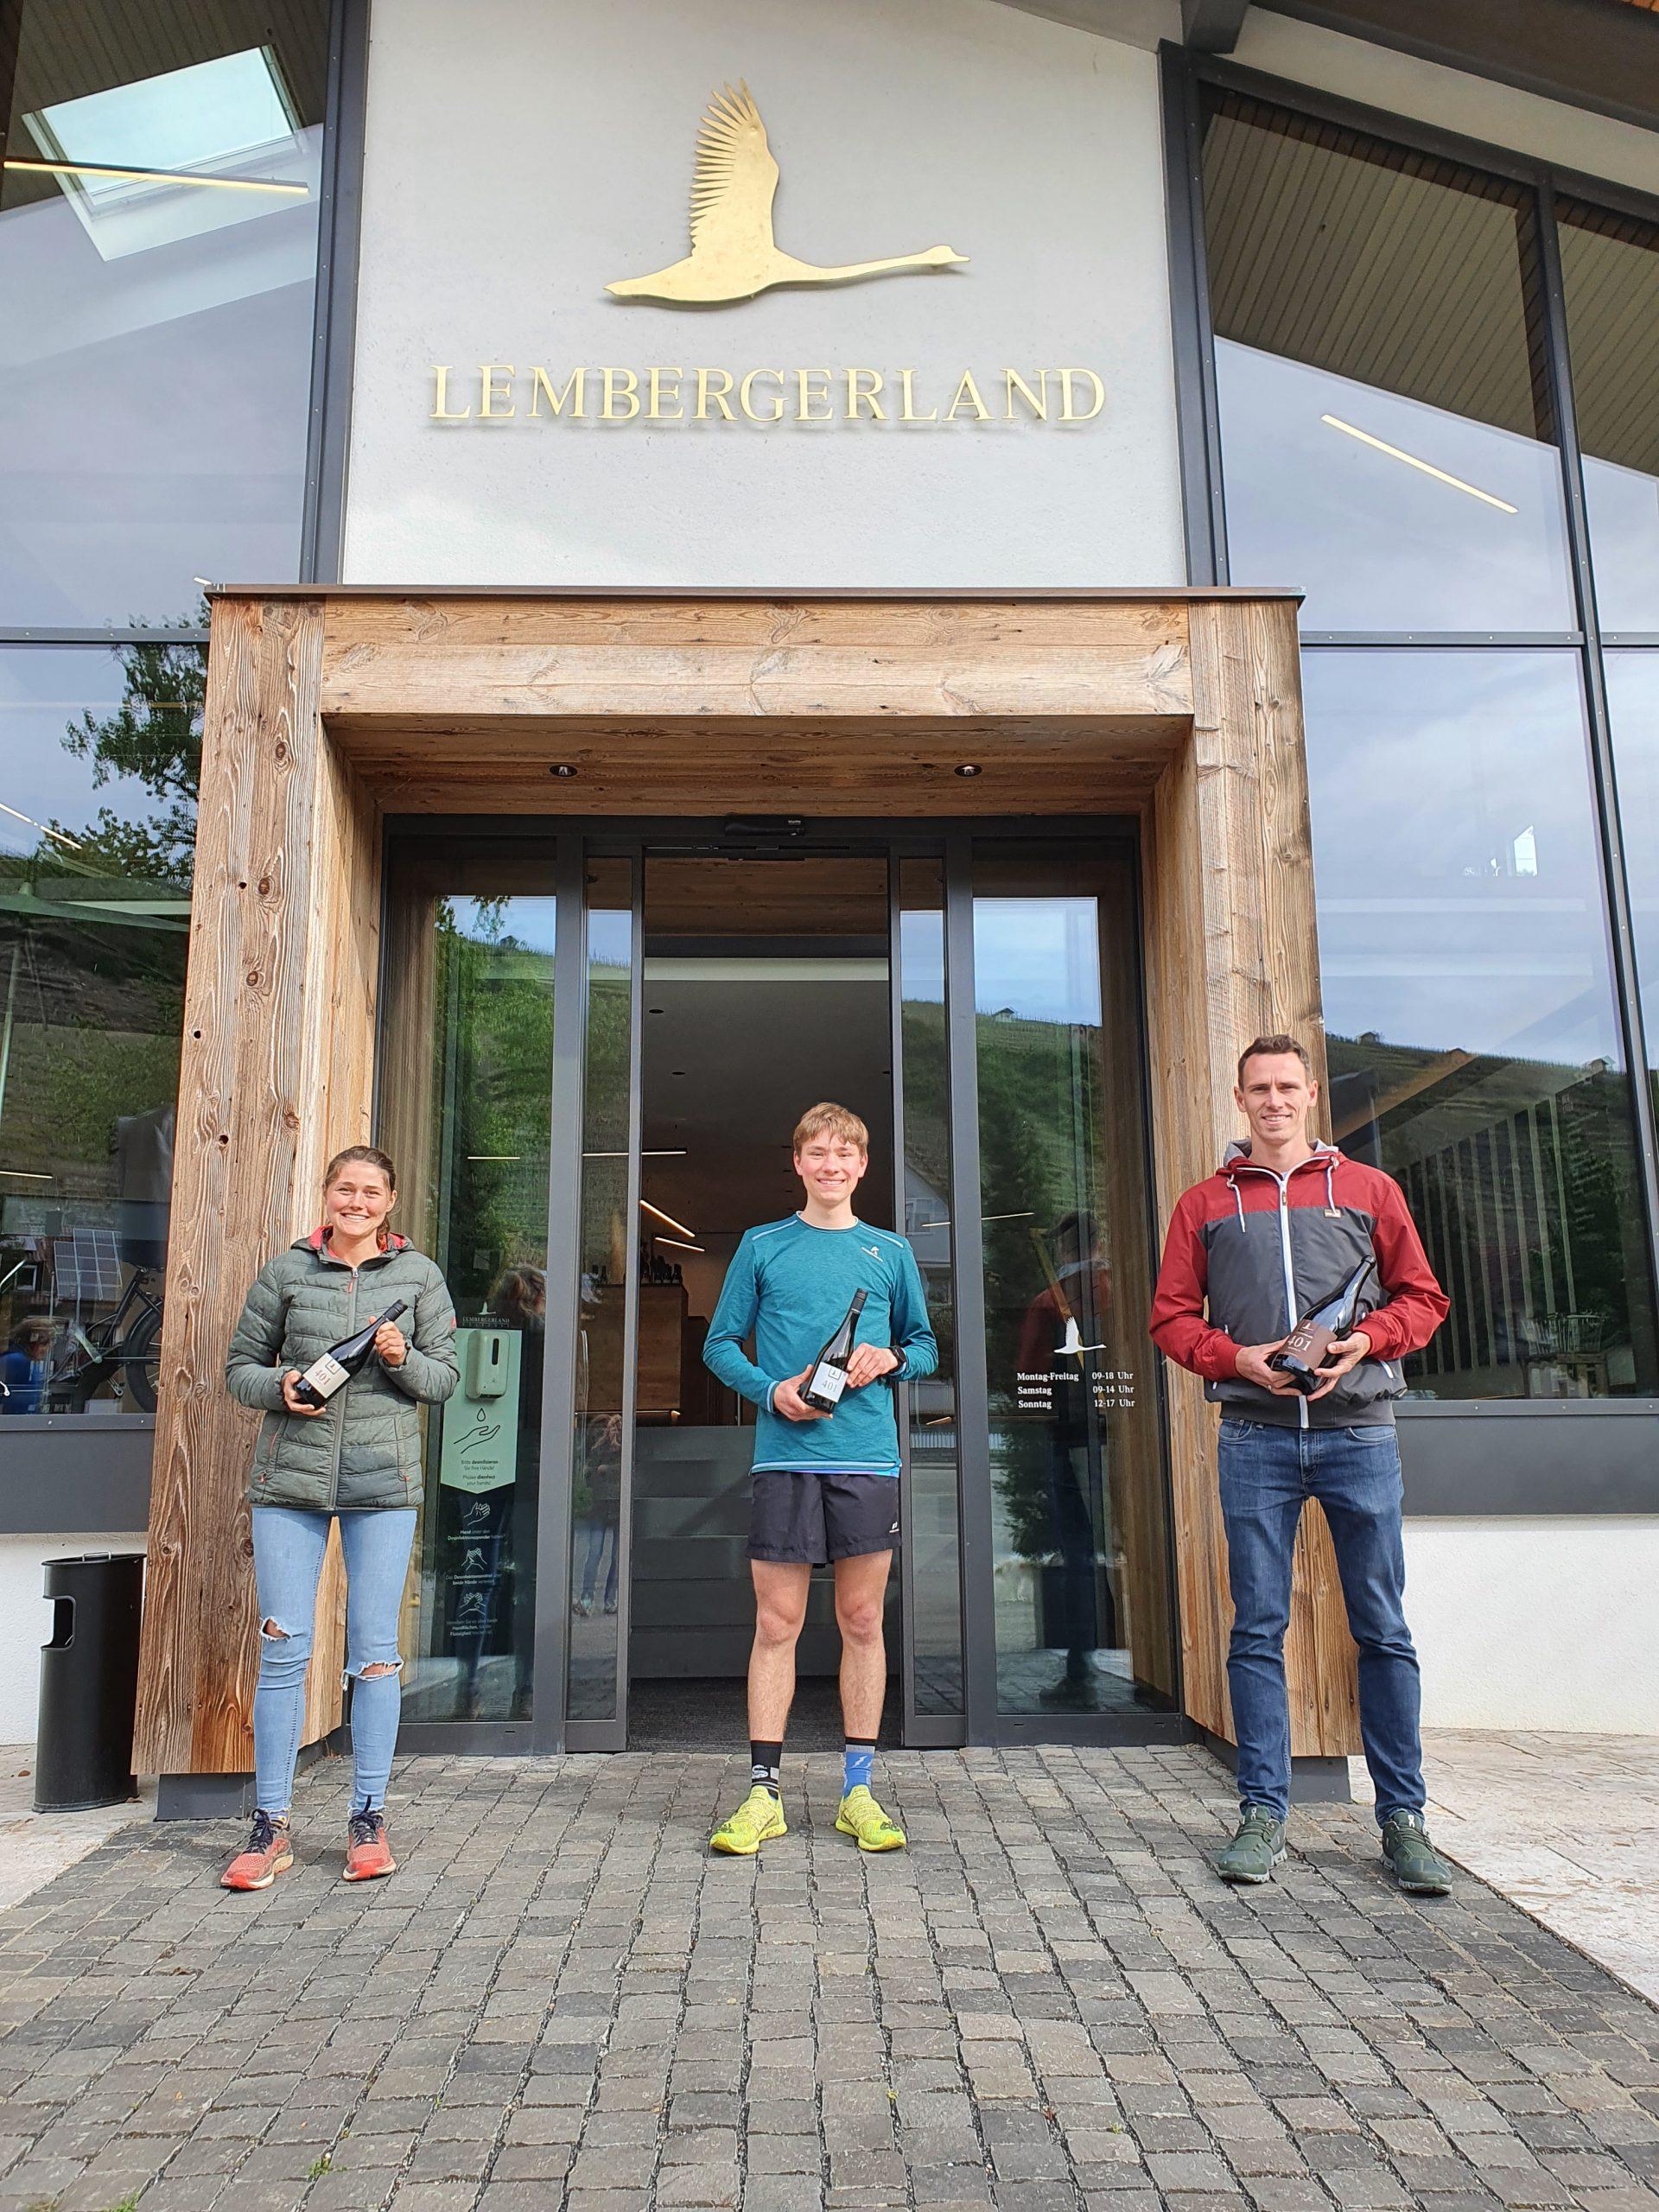 Drei der erfolgreichsten Teilnehmer*innen beim diesjährigen Stäffeleslauf: Franziska Schrader, Jurji Mildner und Cevin Blattert